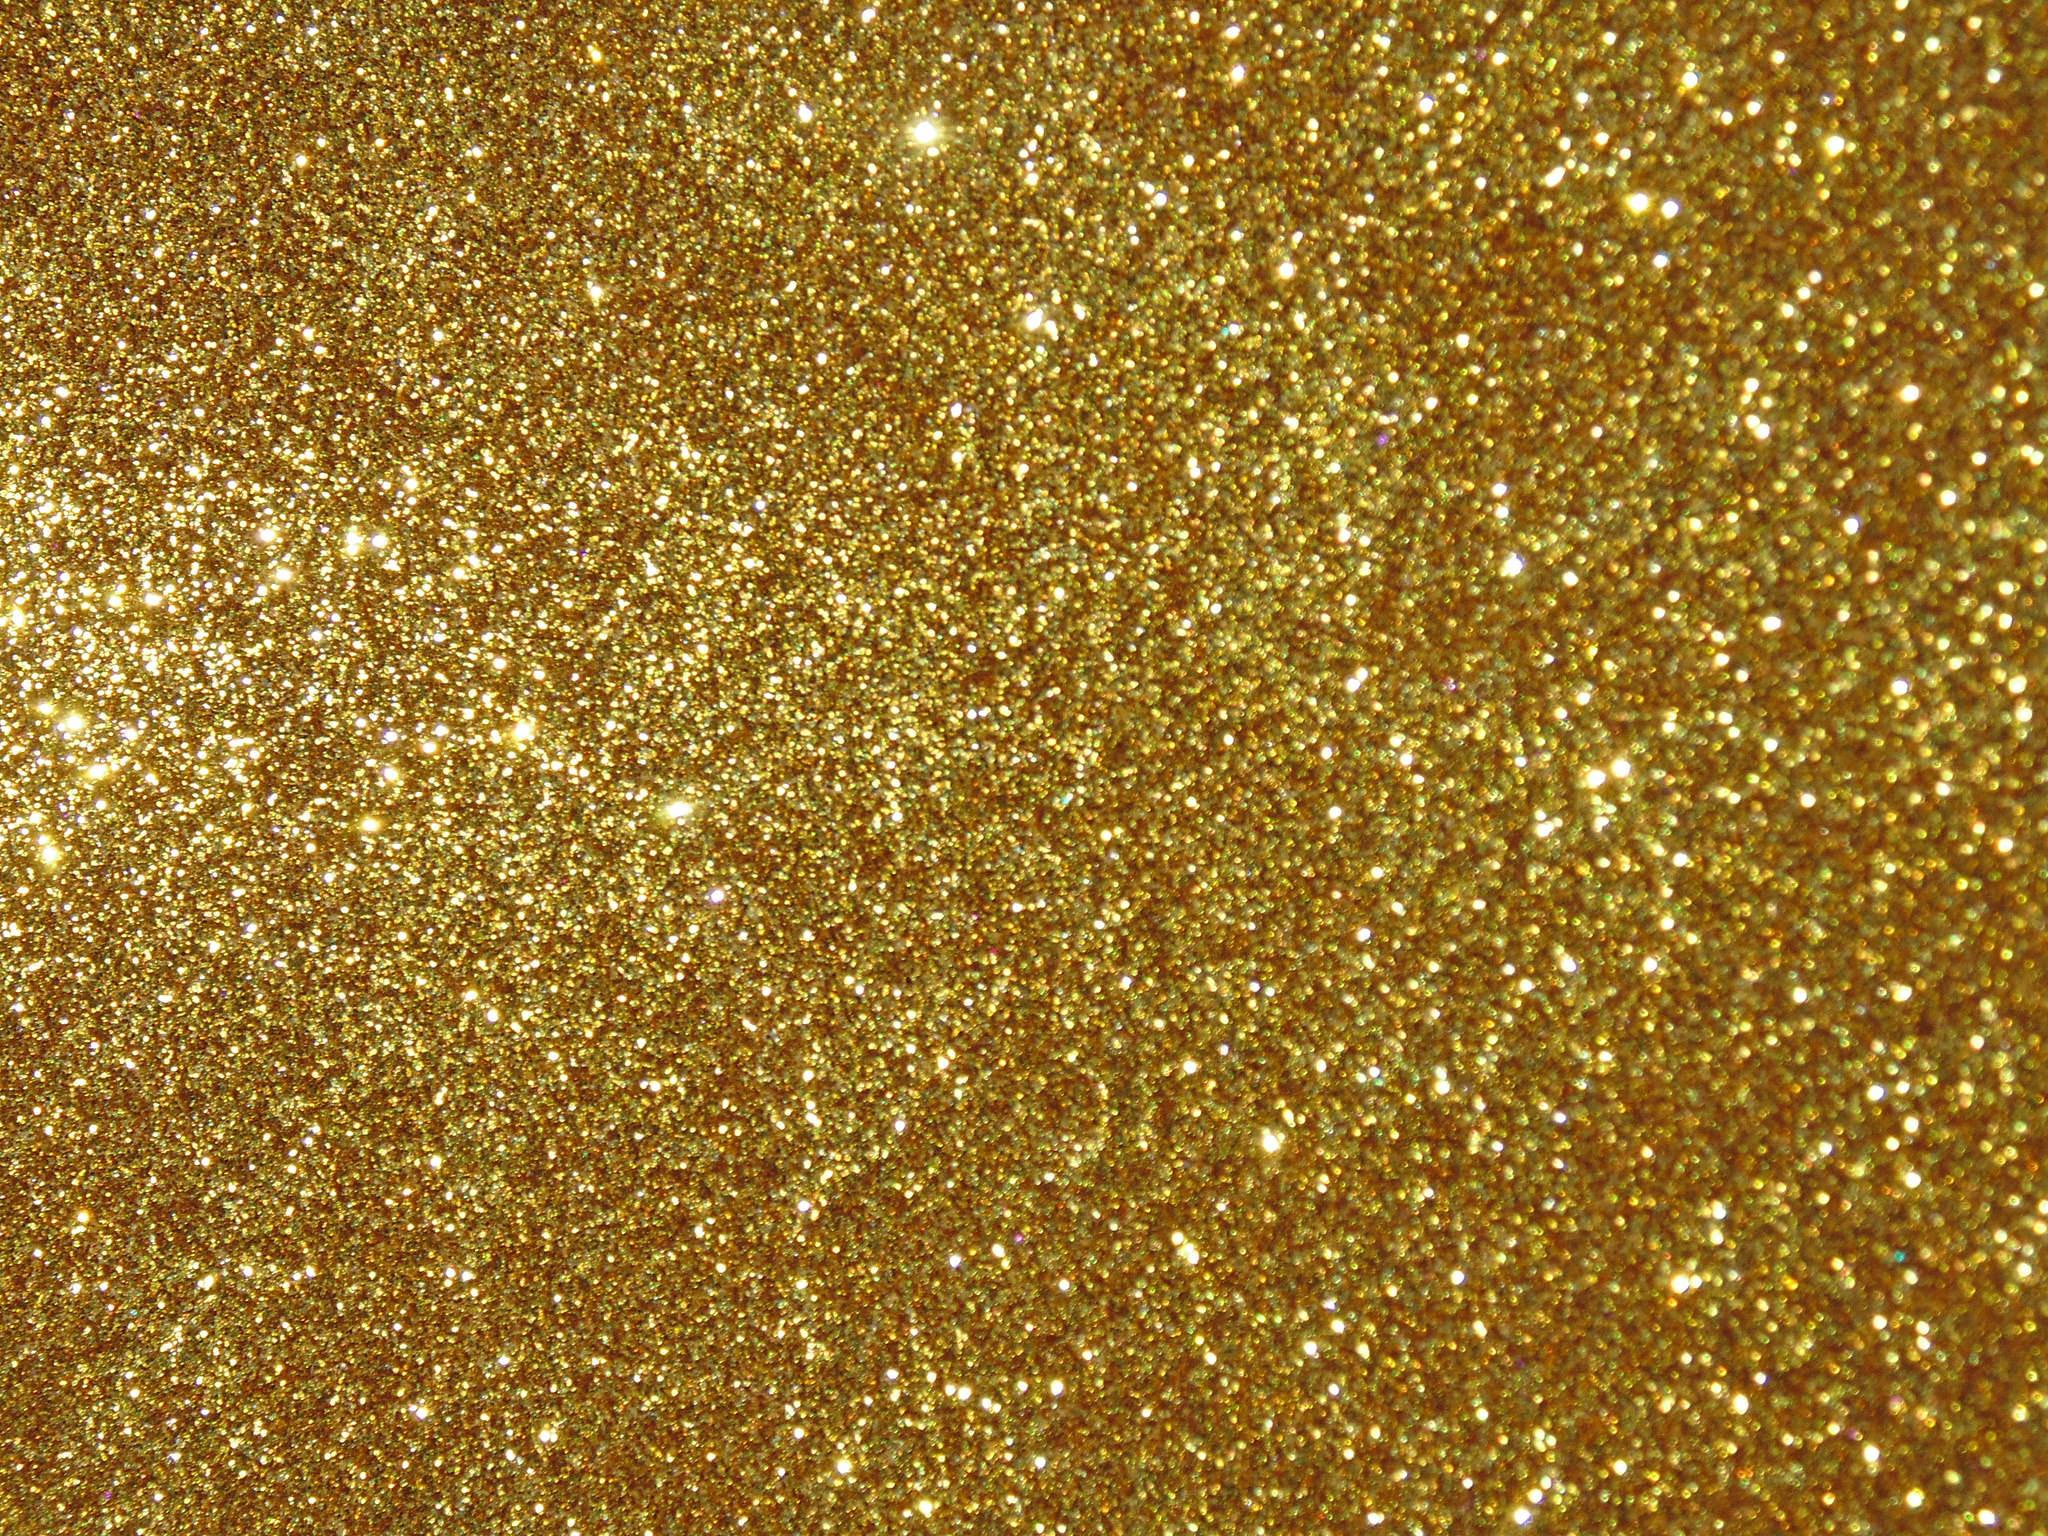 Gold Glitter Wallpaper HD Pictures Desktop.